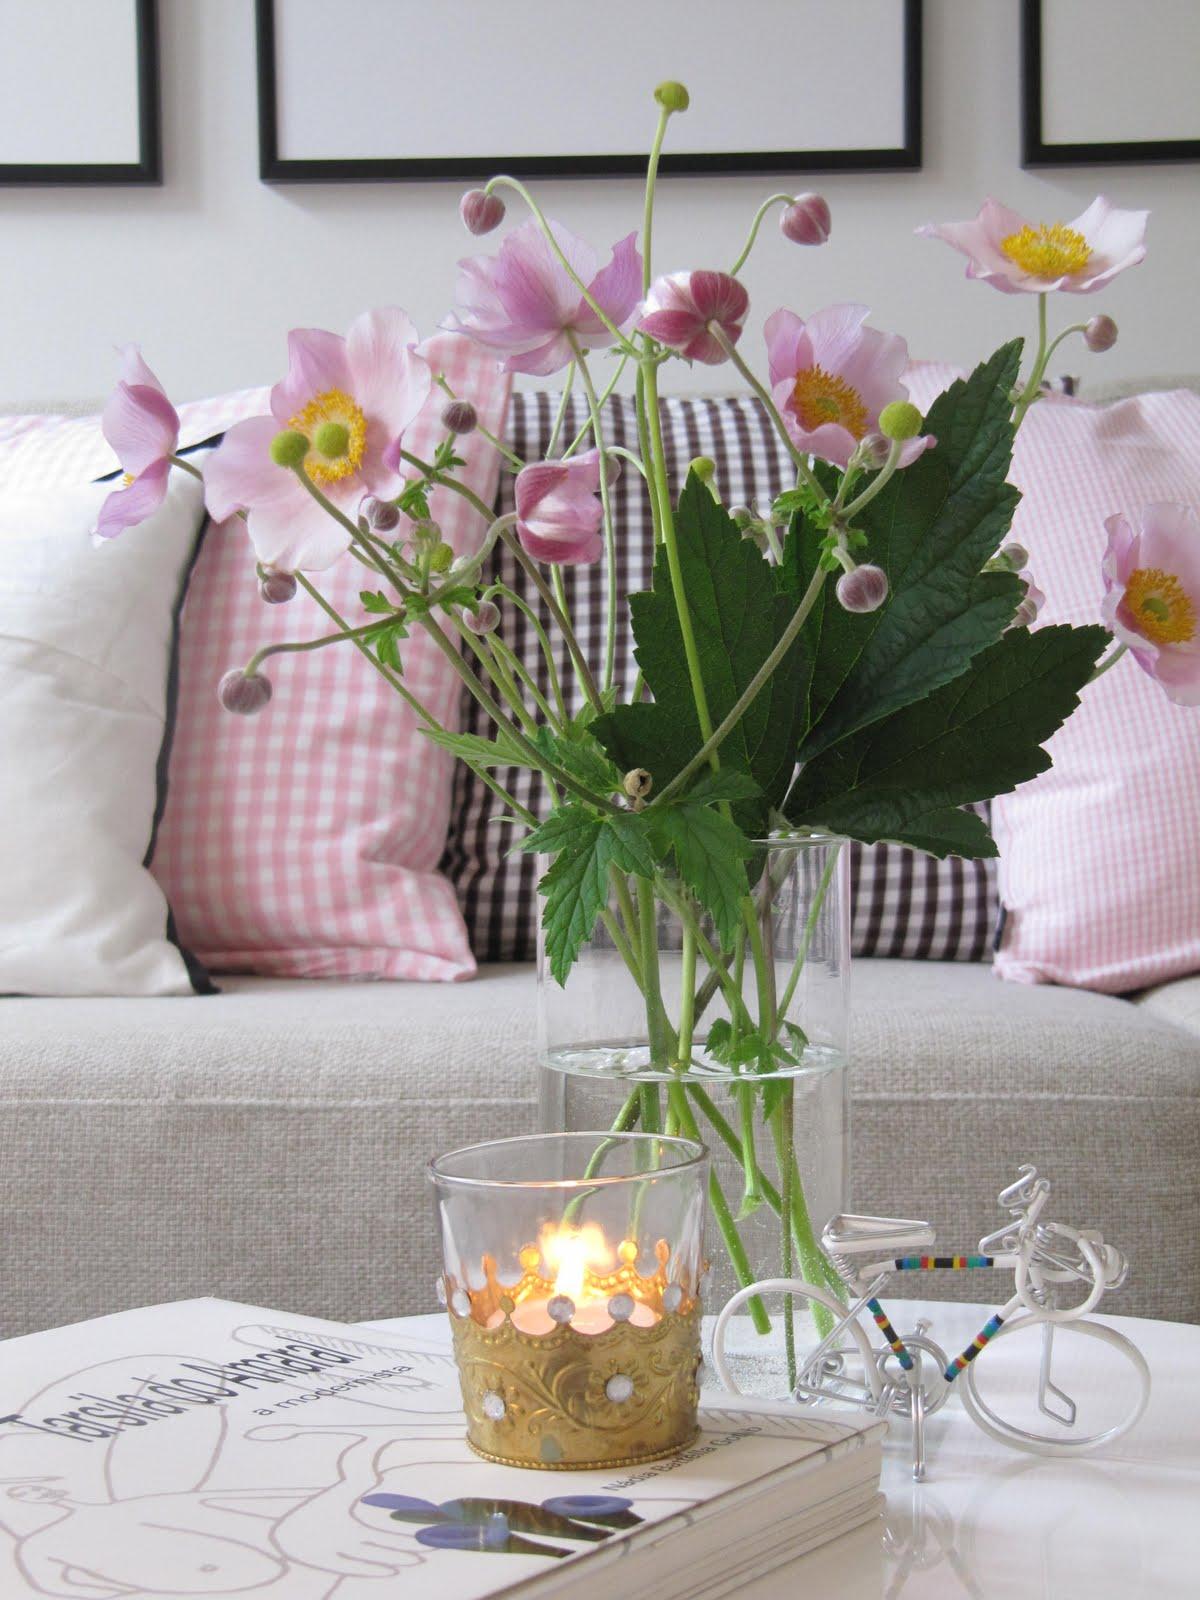 meu jardim rosas e mimos:Minha casa, meu castelo: Flores de meu pequeno jardim